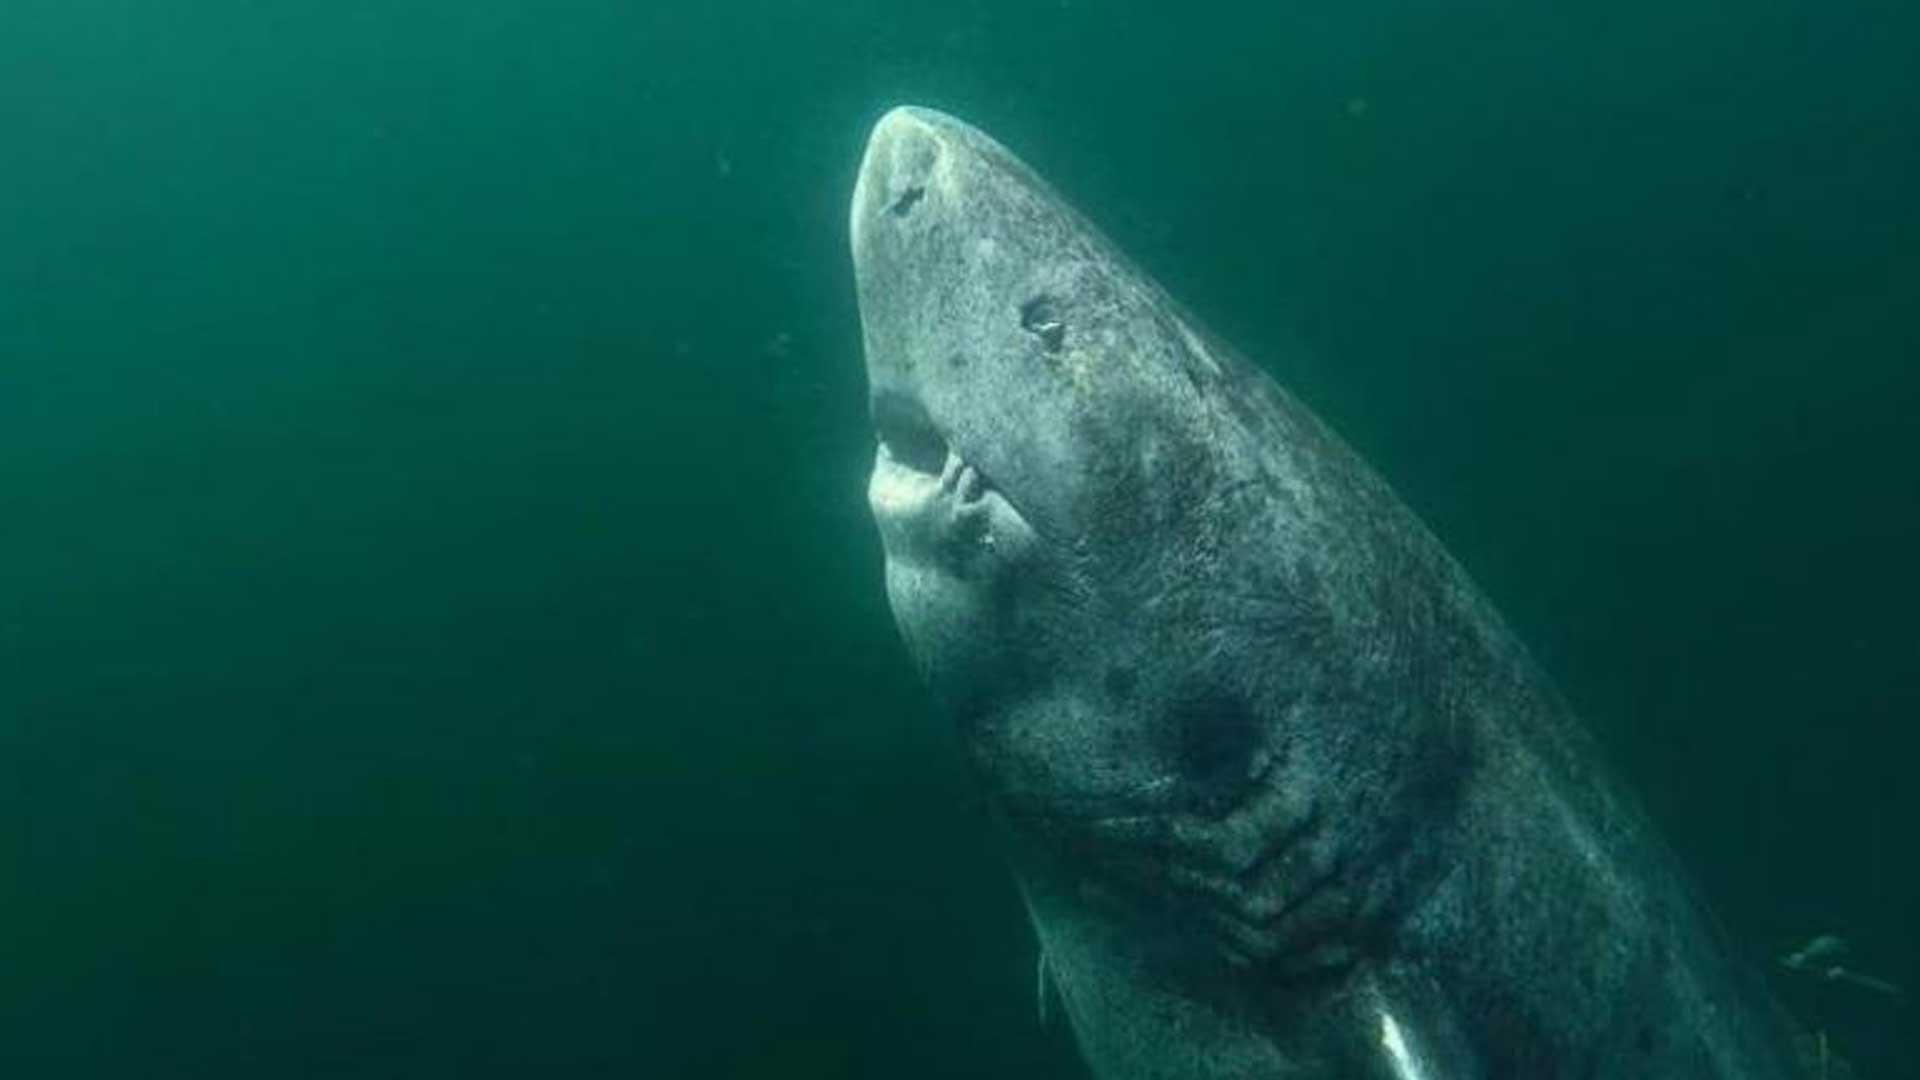 Dicen los expertos que este tiburón cuenta con más de 500 años de vida